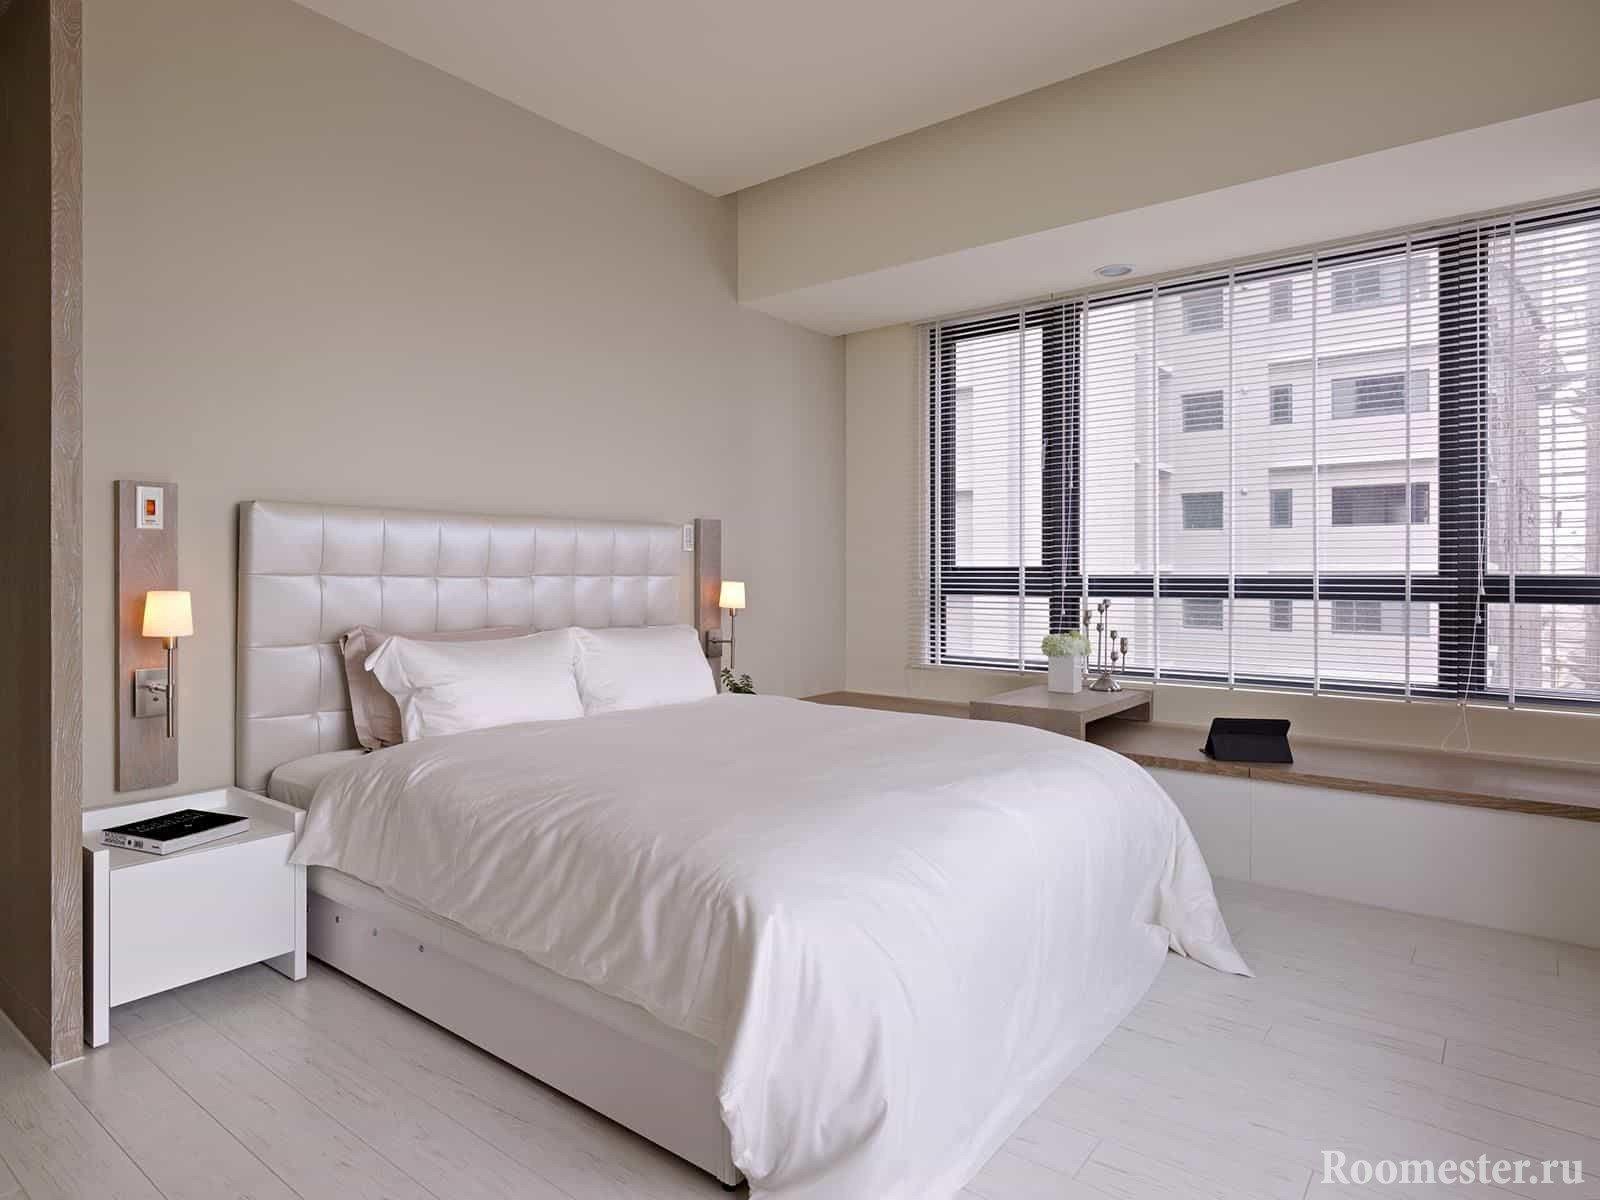 Большая двухспальная кровать в спальне и панорамное окно